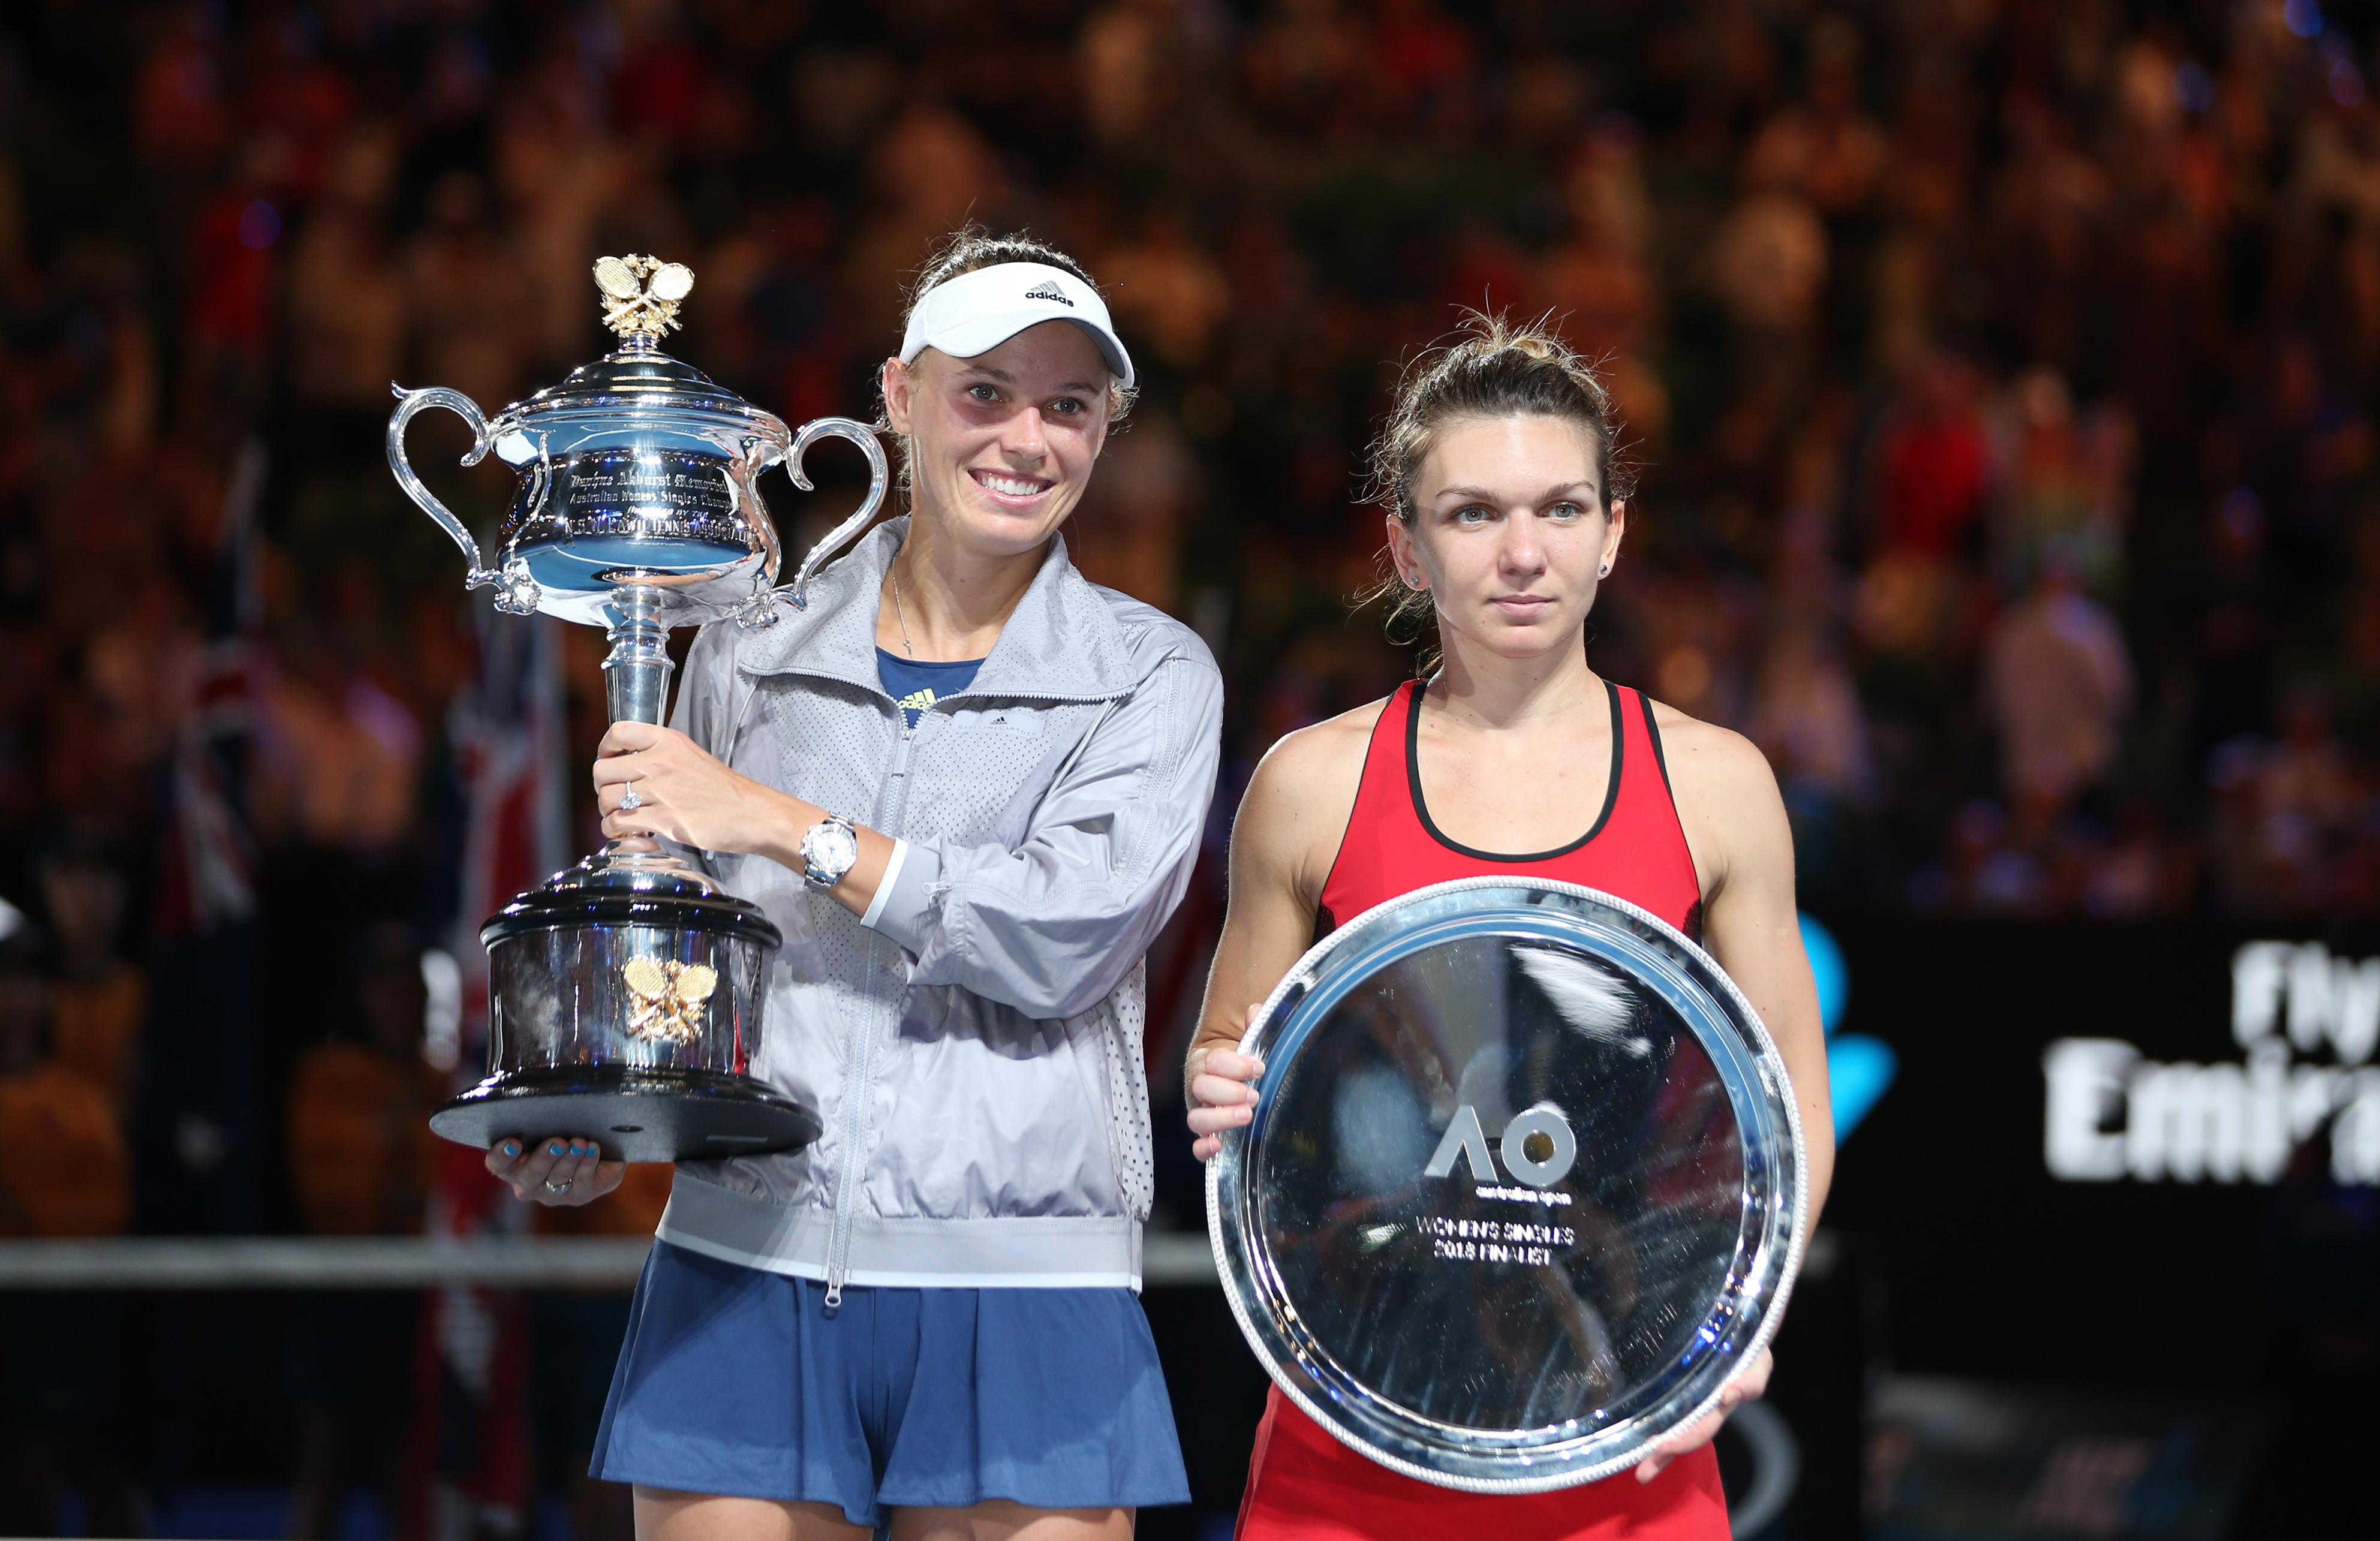 Reacția fostului sponsor al Simonei Halep, după finala pierdută la Australian Open